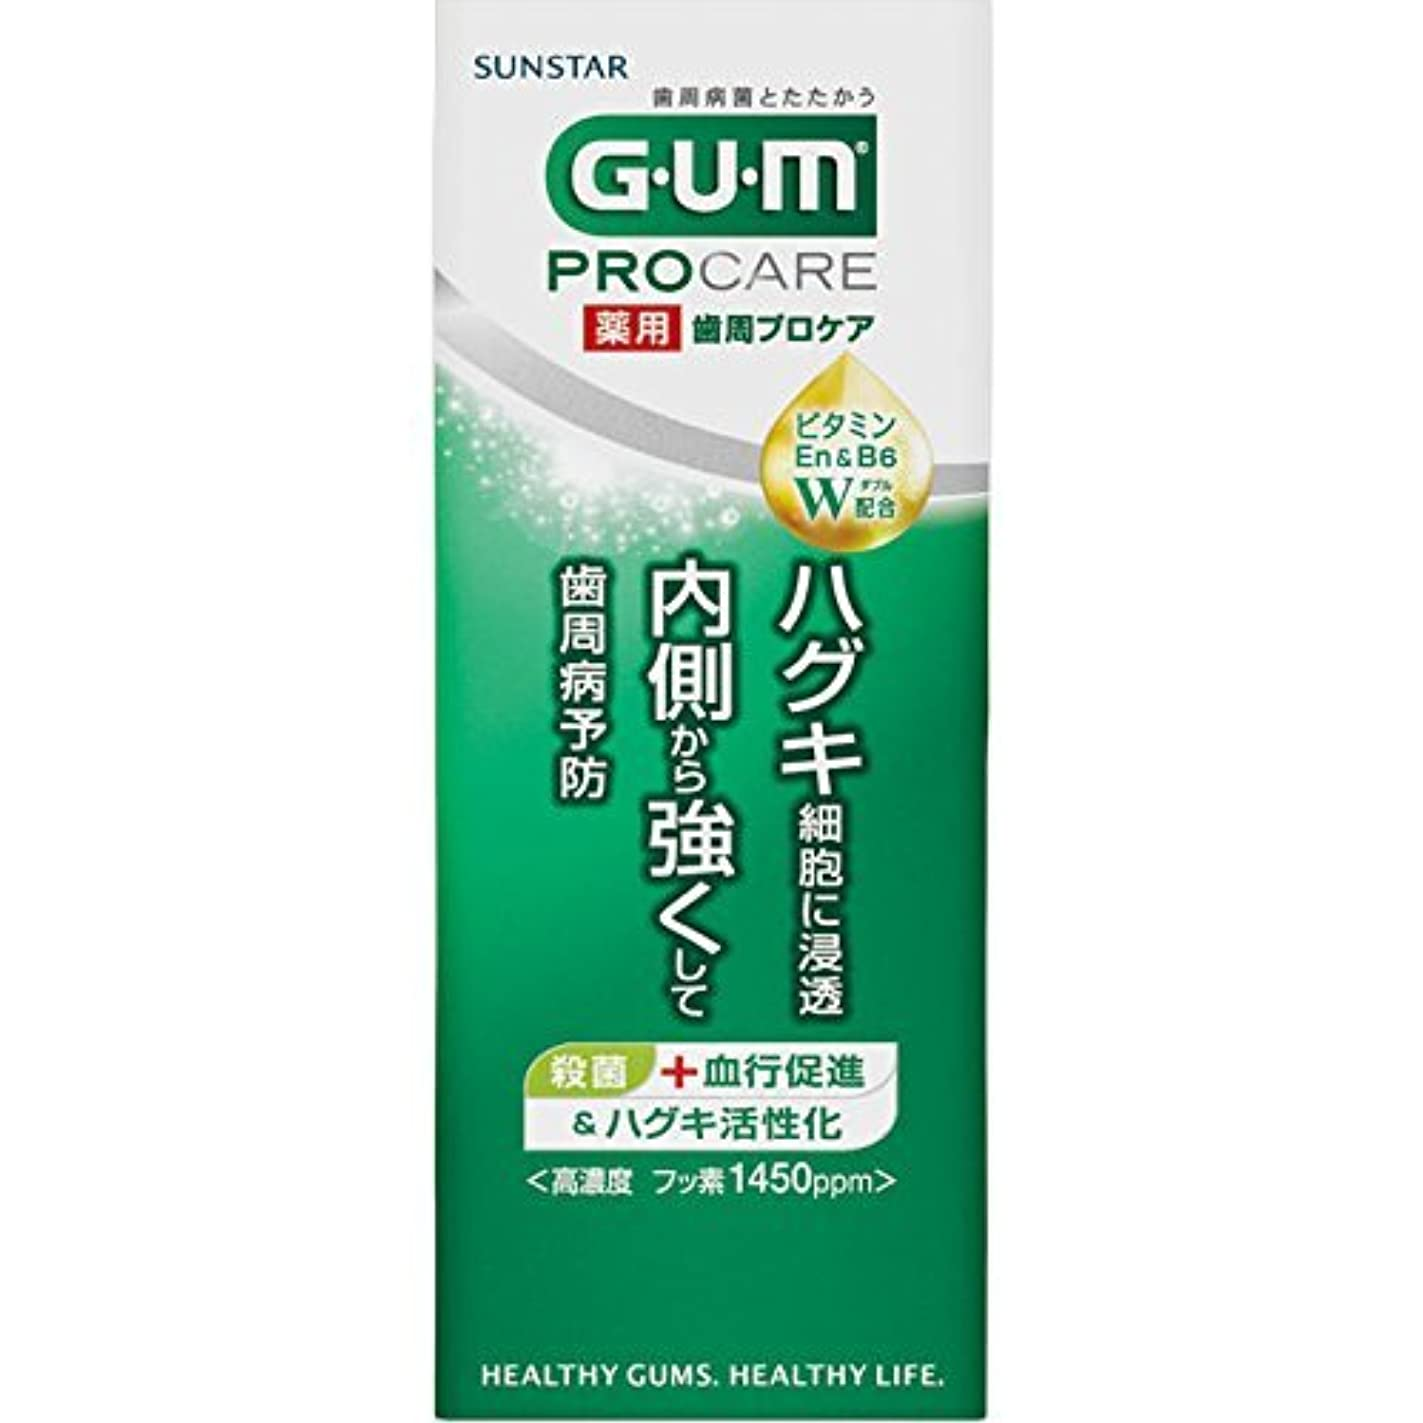 トーストどういたしまして透けて見える[医薬部外品] GUM(ガム) 歯周プロケア 歯みがき ミニサイズ トライアル 50g <歯周病予防 ハグキケア 高濃度フッ素配合 1450ppm>